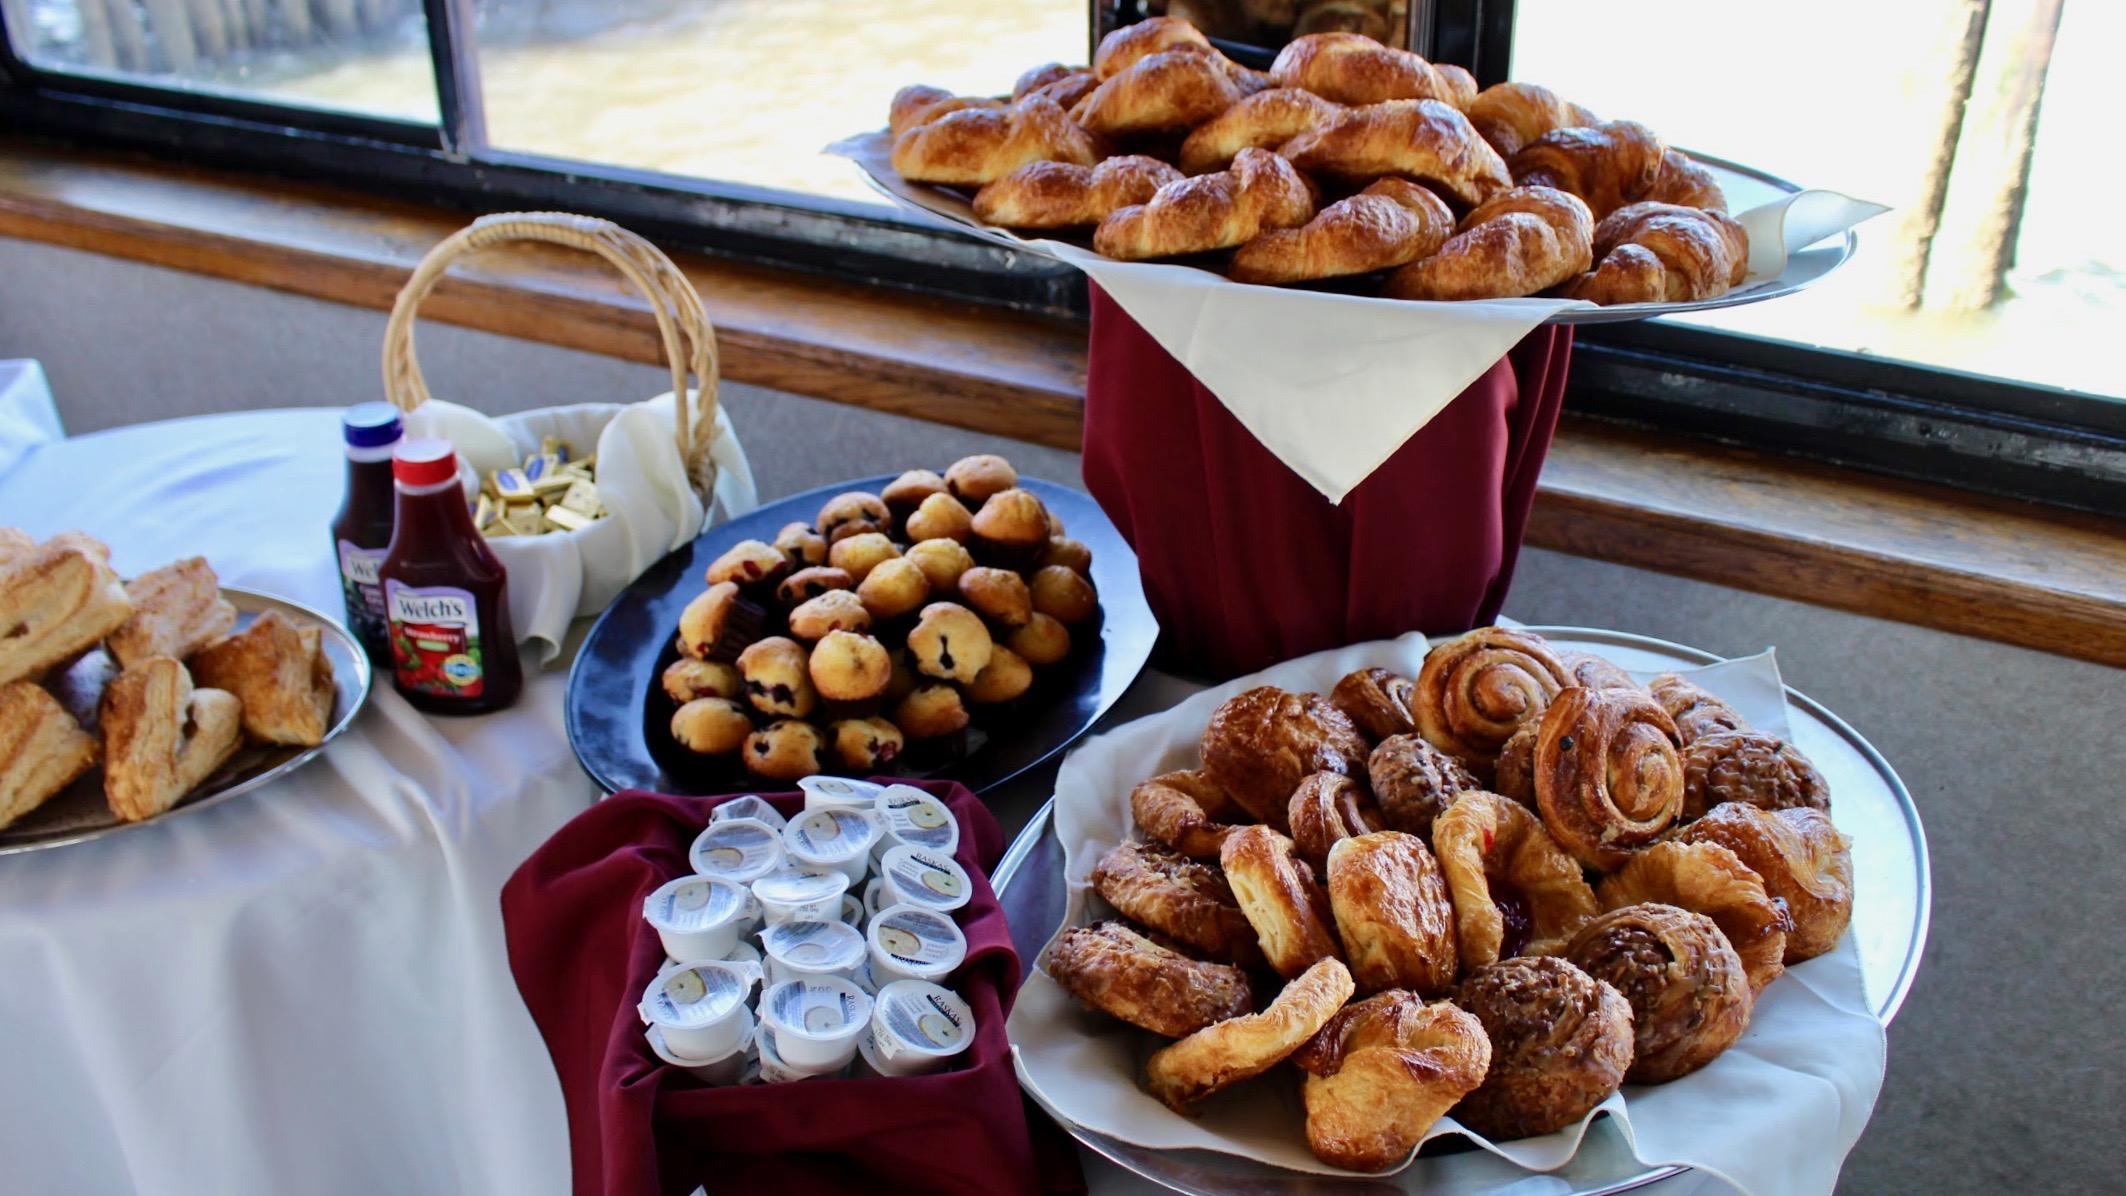 brunch buffet options